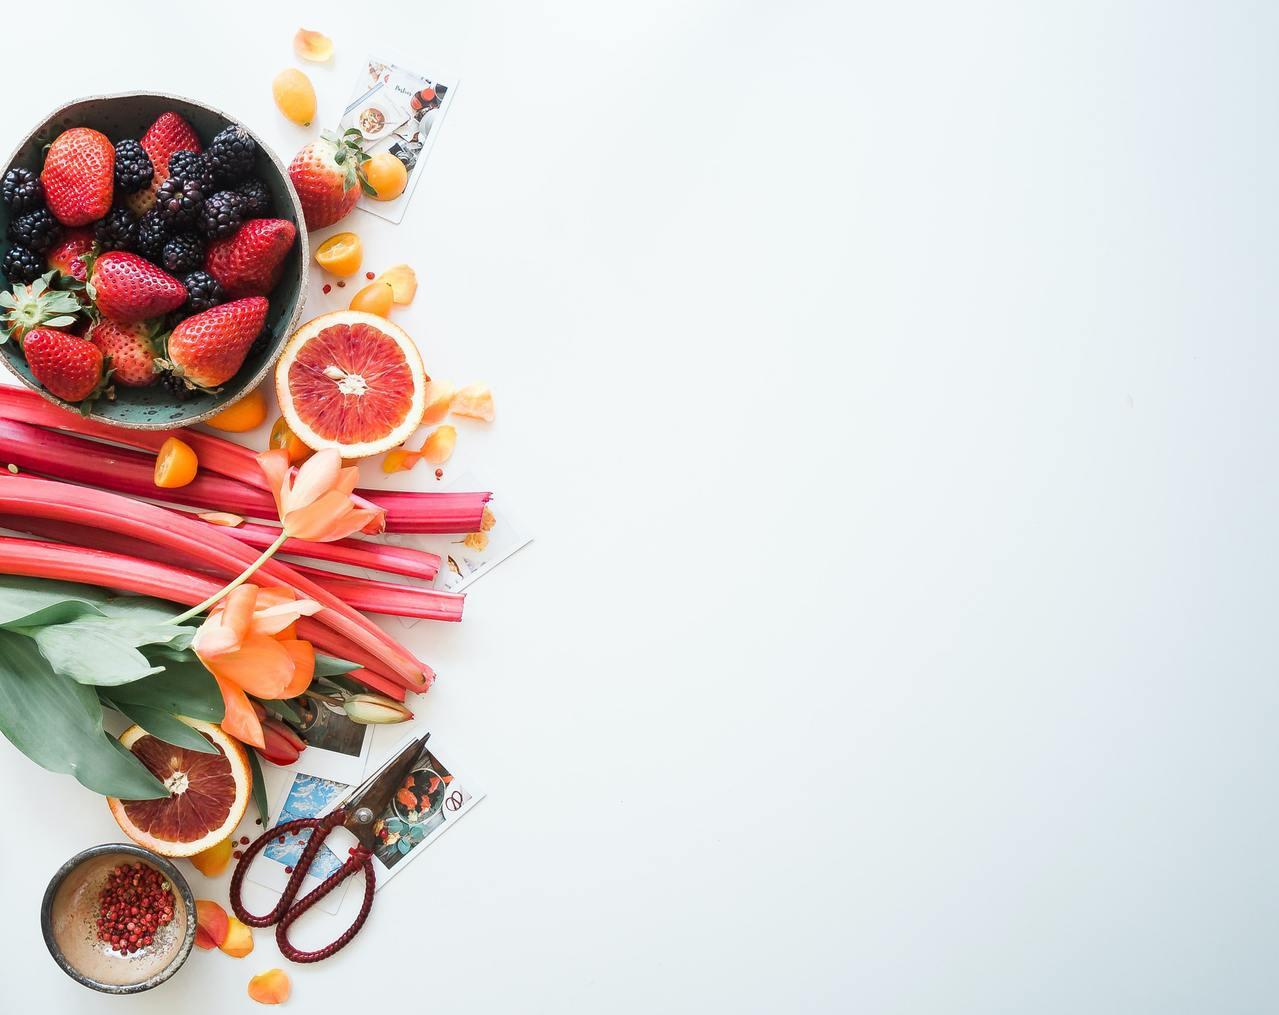 如何「讓糧食的運用得到最大化?」是人類從現在就要努力的課題。 圖/unsplas...